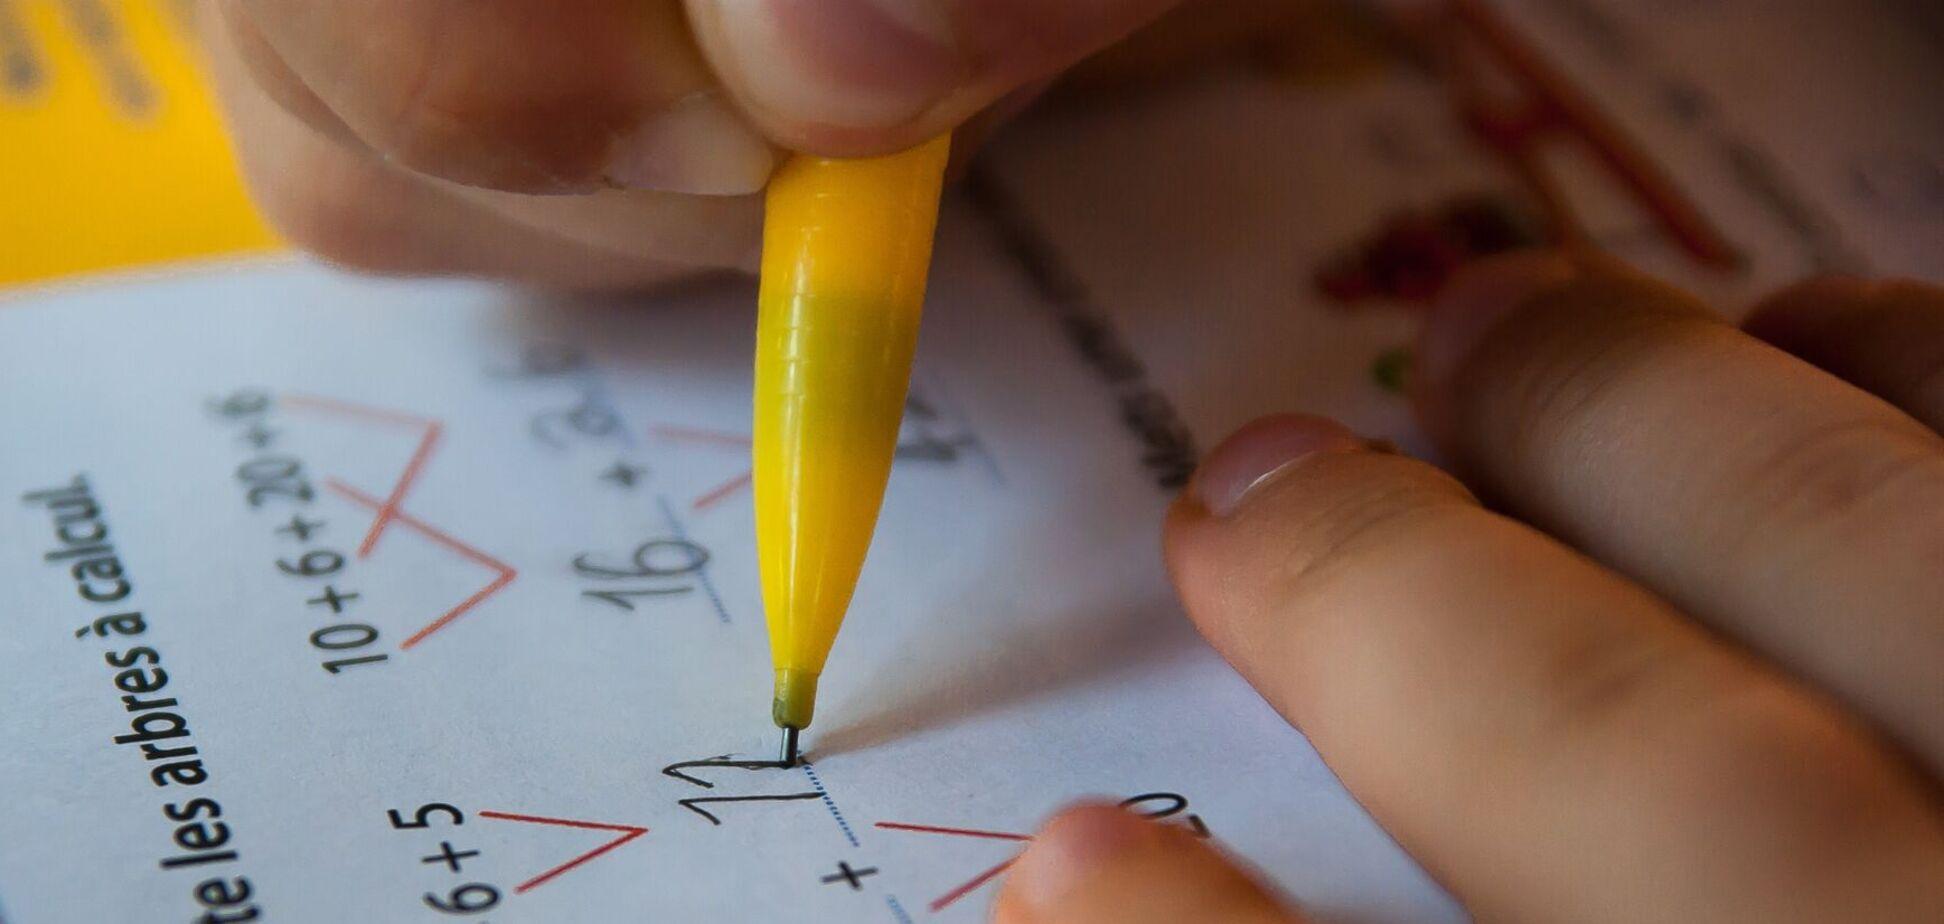 Самый короткий IQ-тест был создан в 2005 году